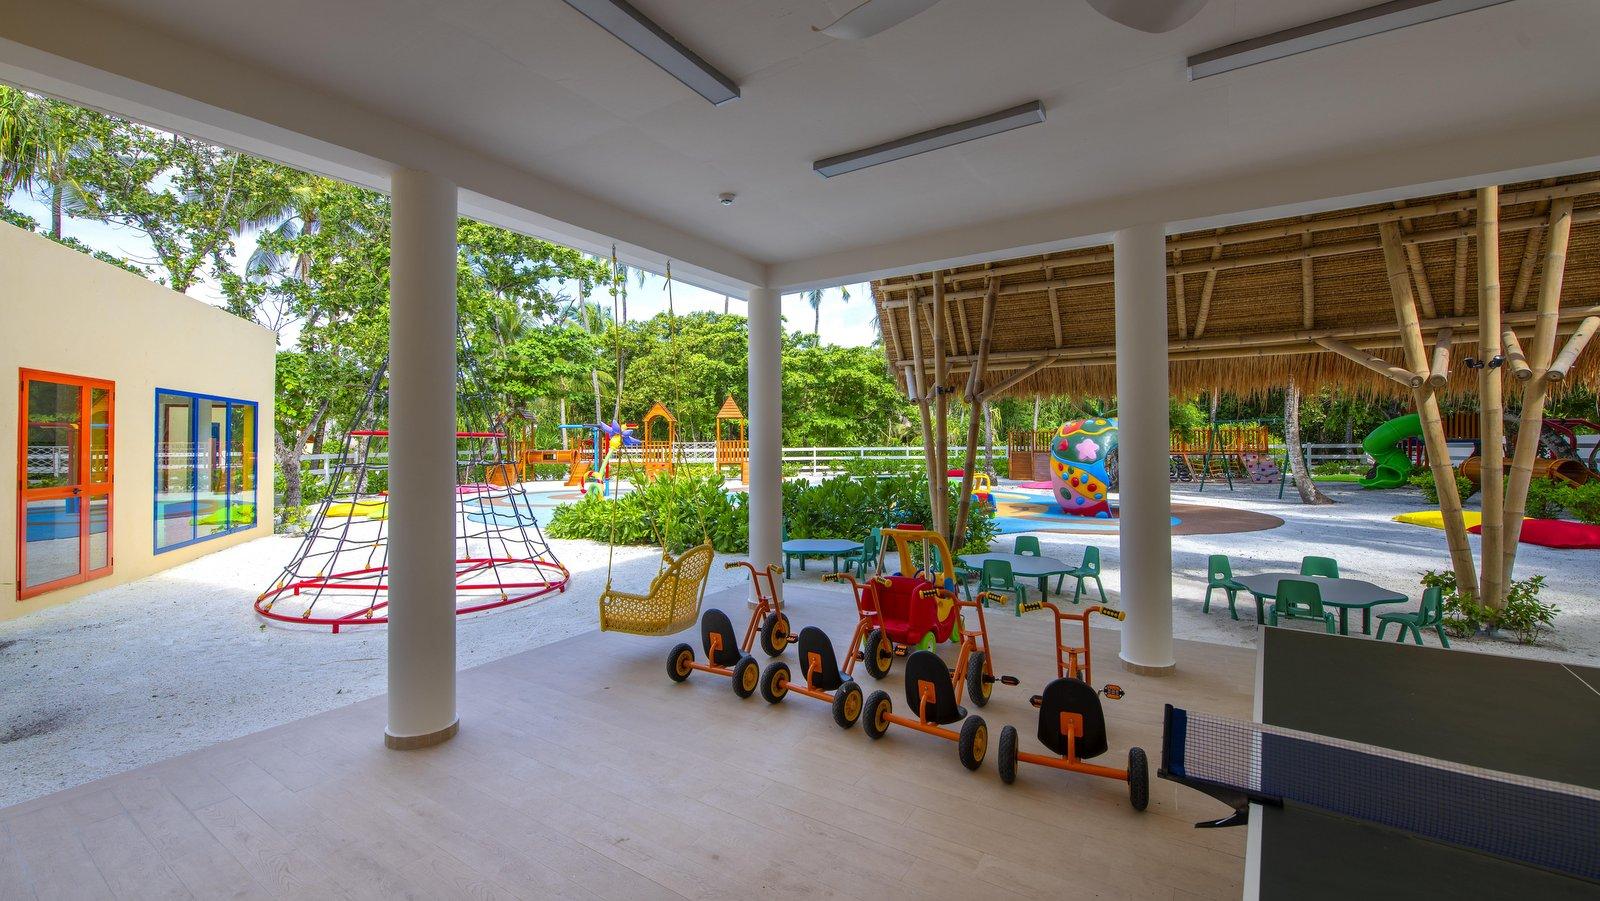 Мальдивы, отель Emerald Maldives Resort & Spa, детский клуб